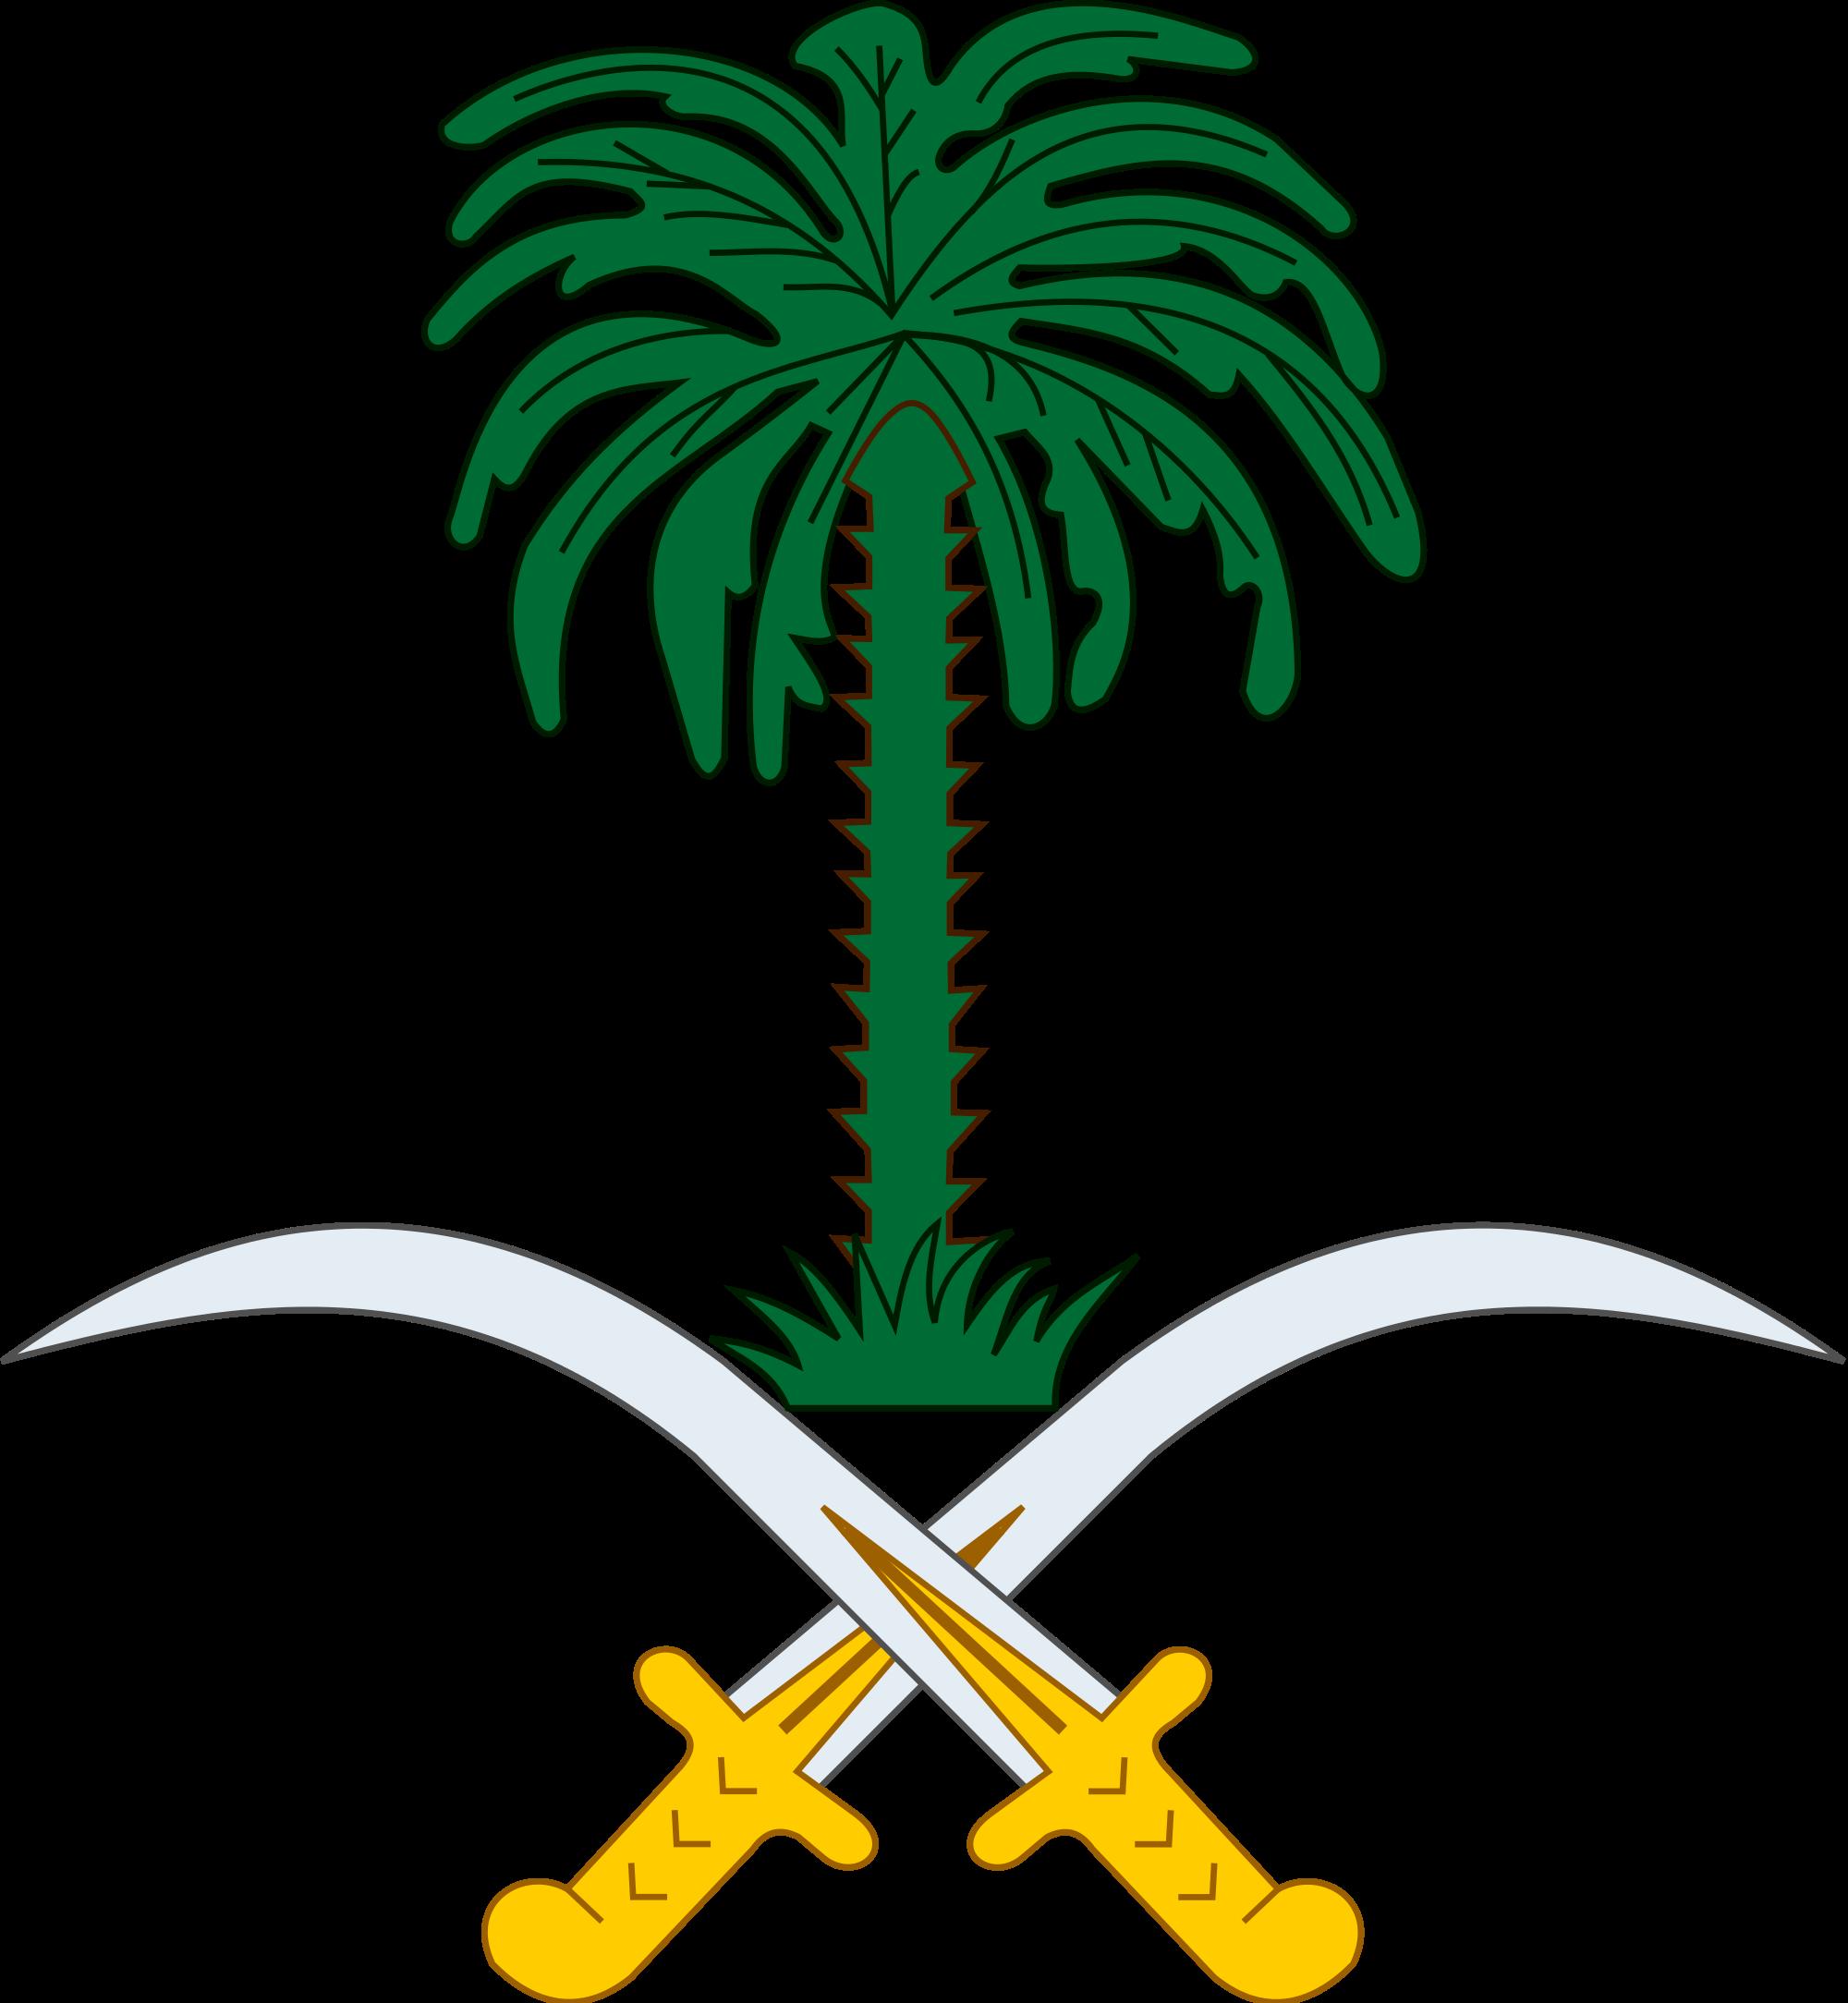 Wapenschild van Saoedi-Arabië